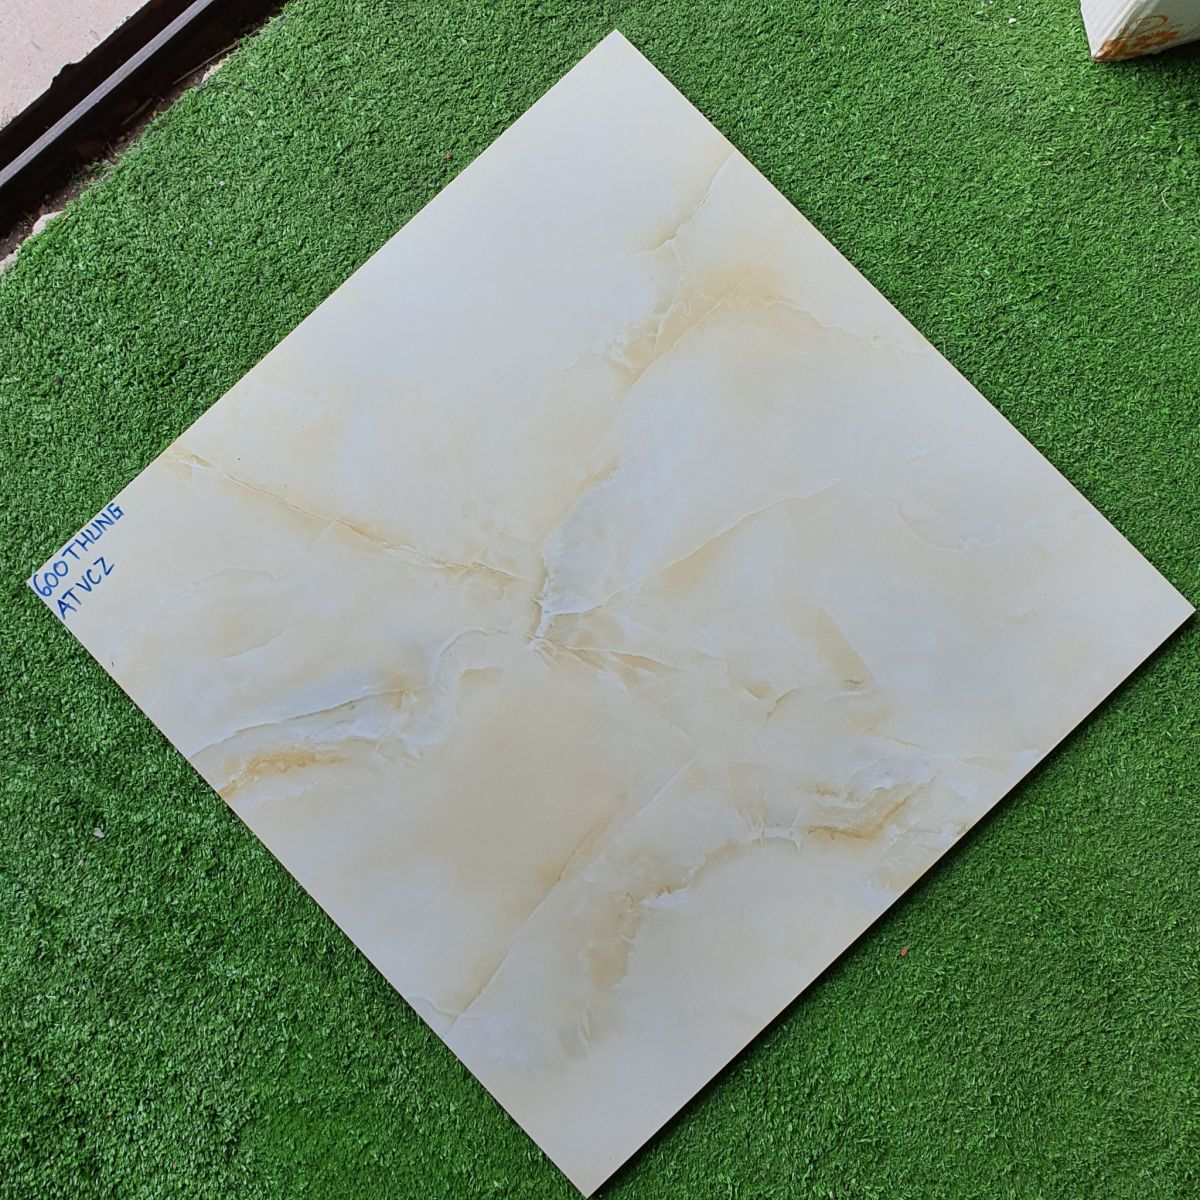 Gạch bóng kiếng 60x60 cao cấp giá rẻ, gạch lát nền 60x60 giá rẻ